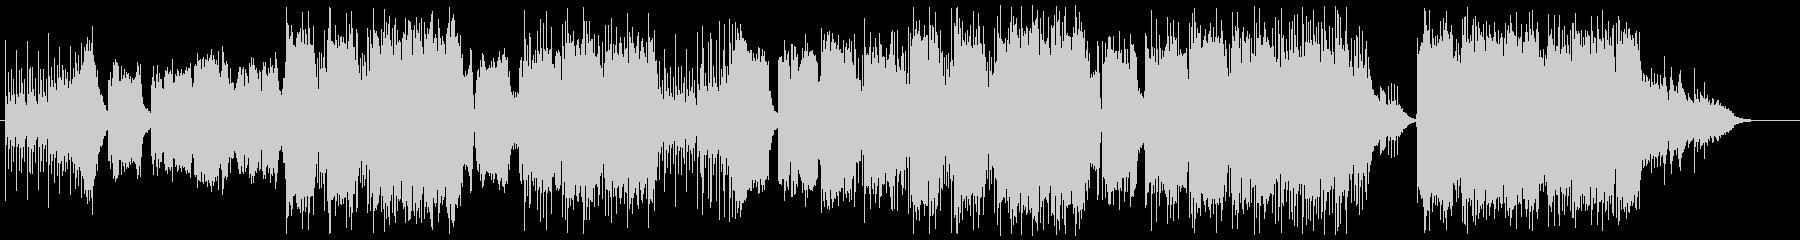 民族楽器の笛を生で収録した和風曲の未再生の波形